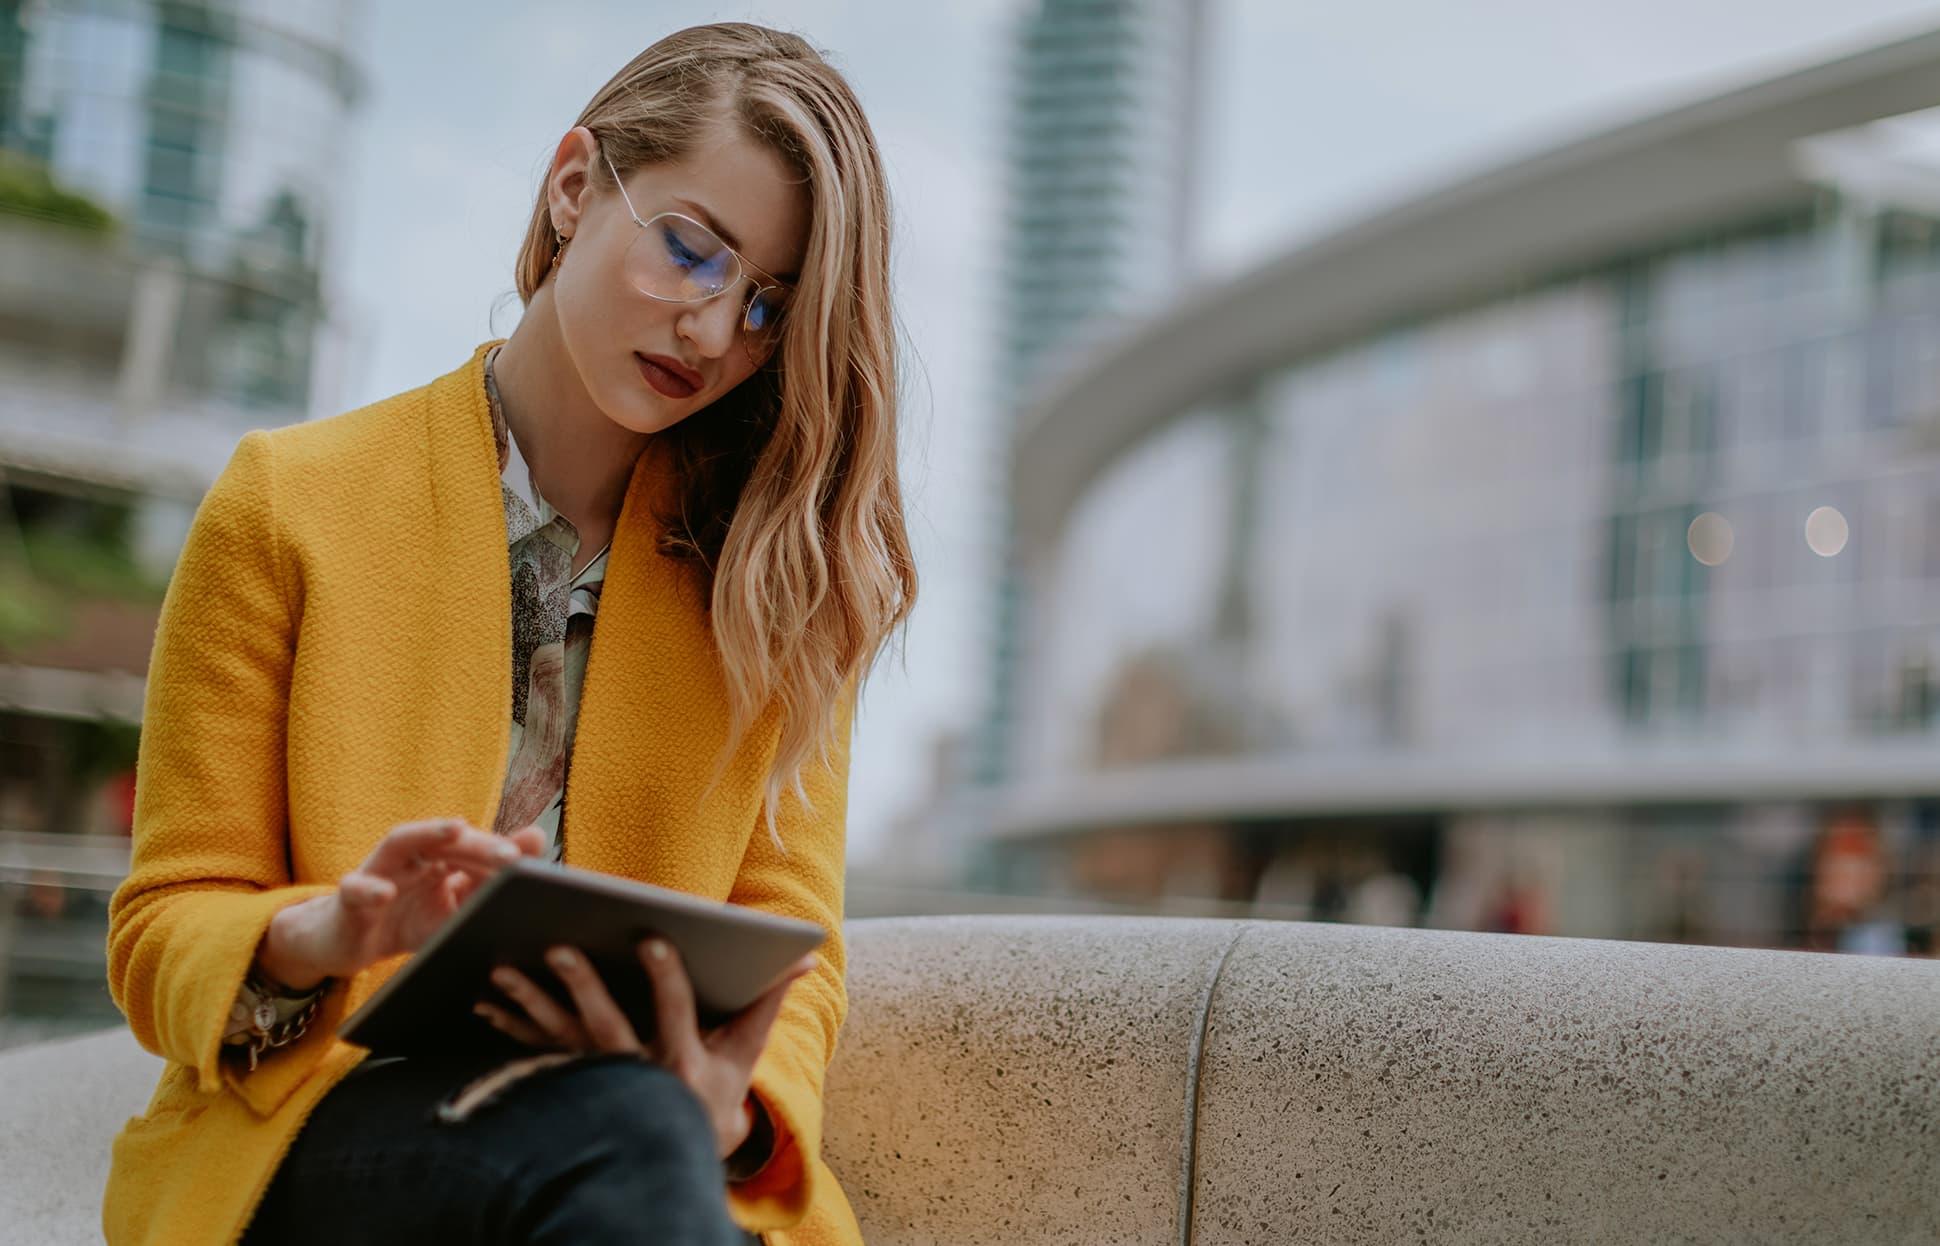 Minimalismus im trend rahmenlose brillen brillenstyling for Trend minimalismus